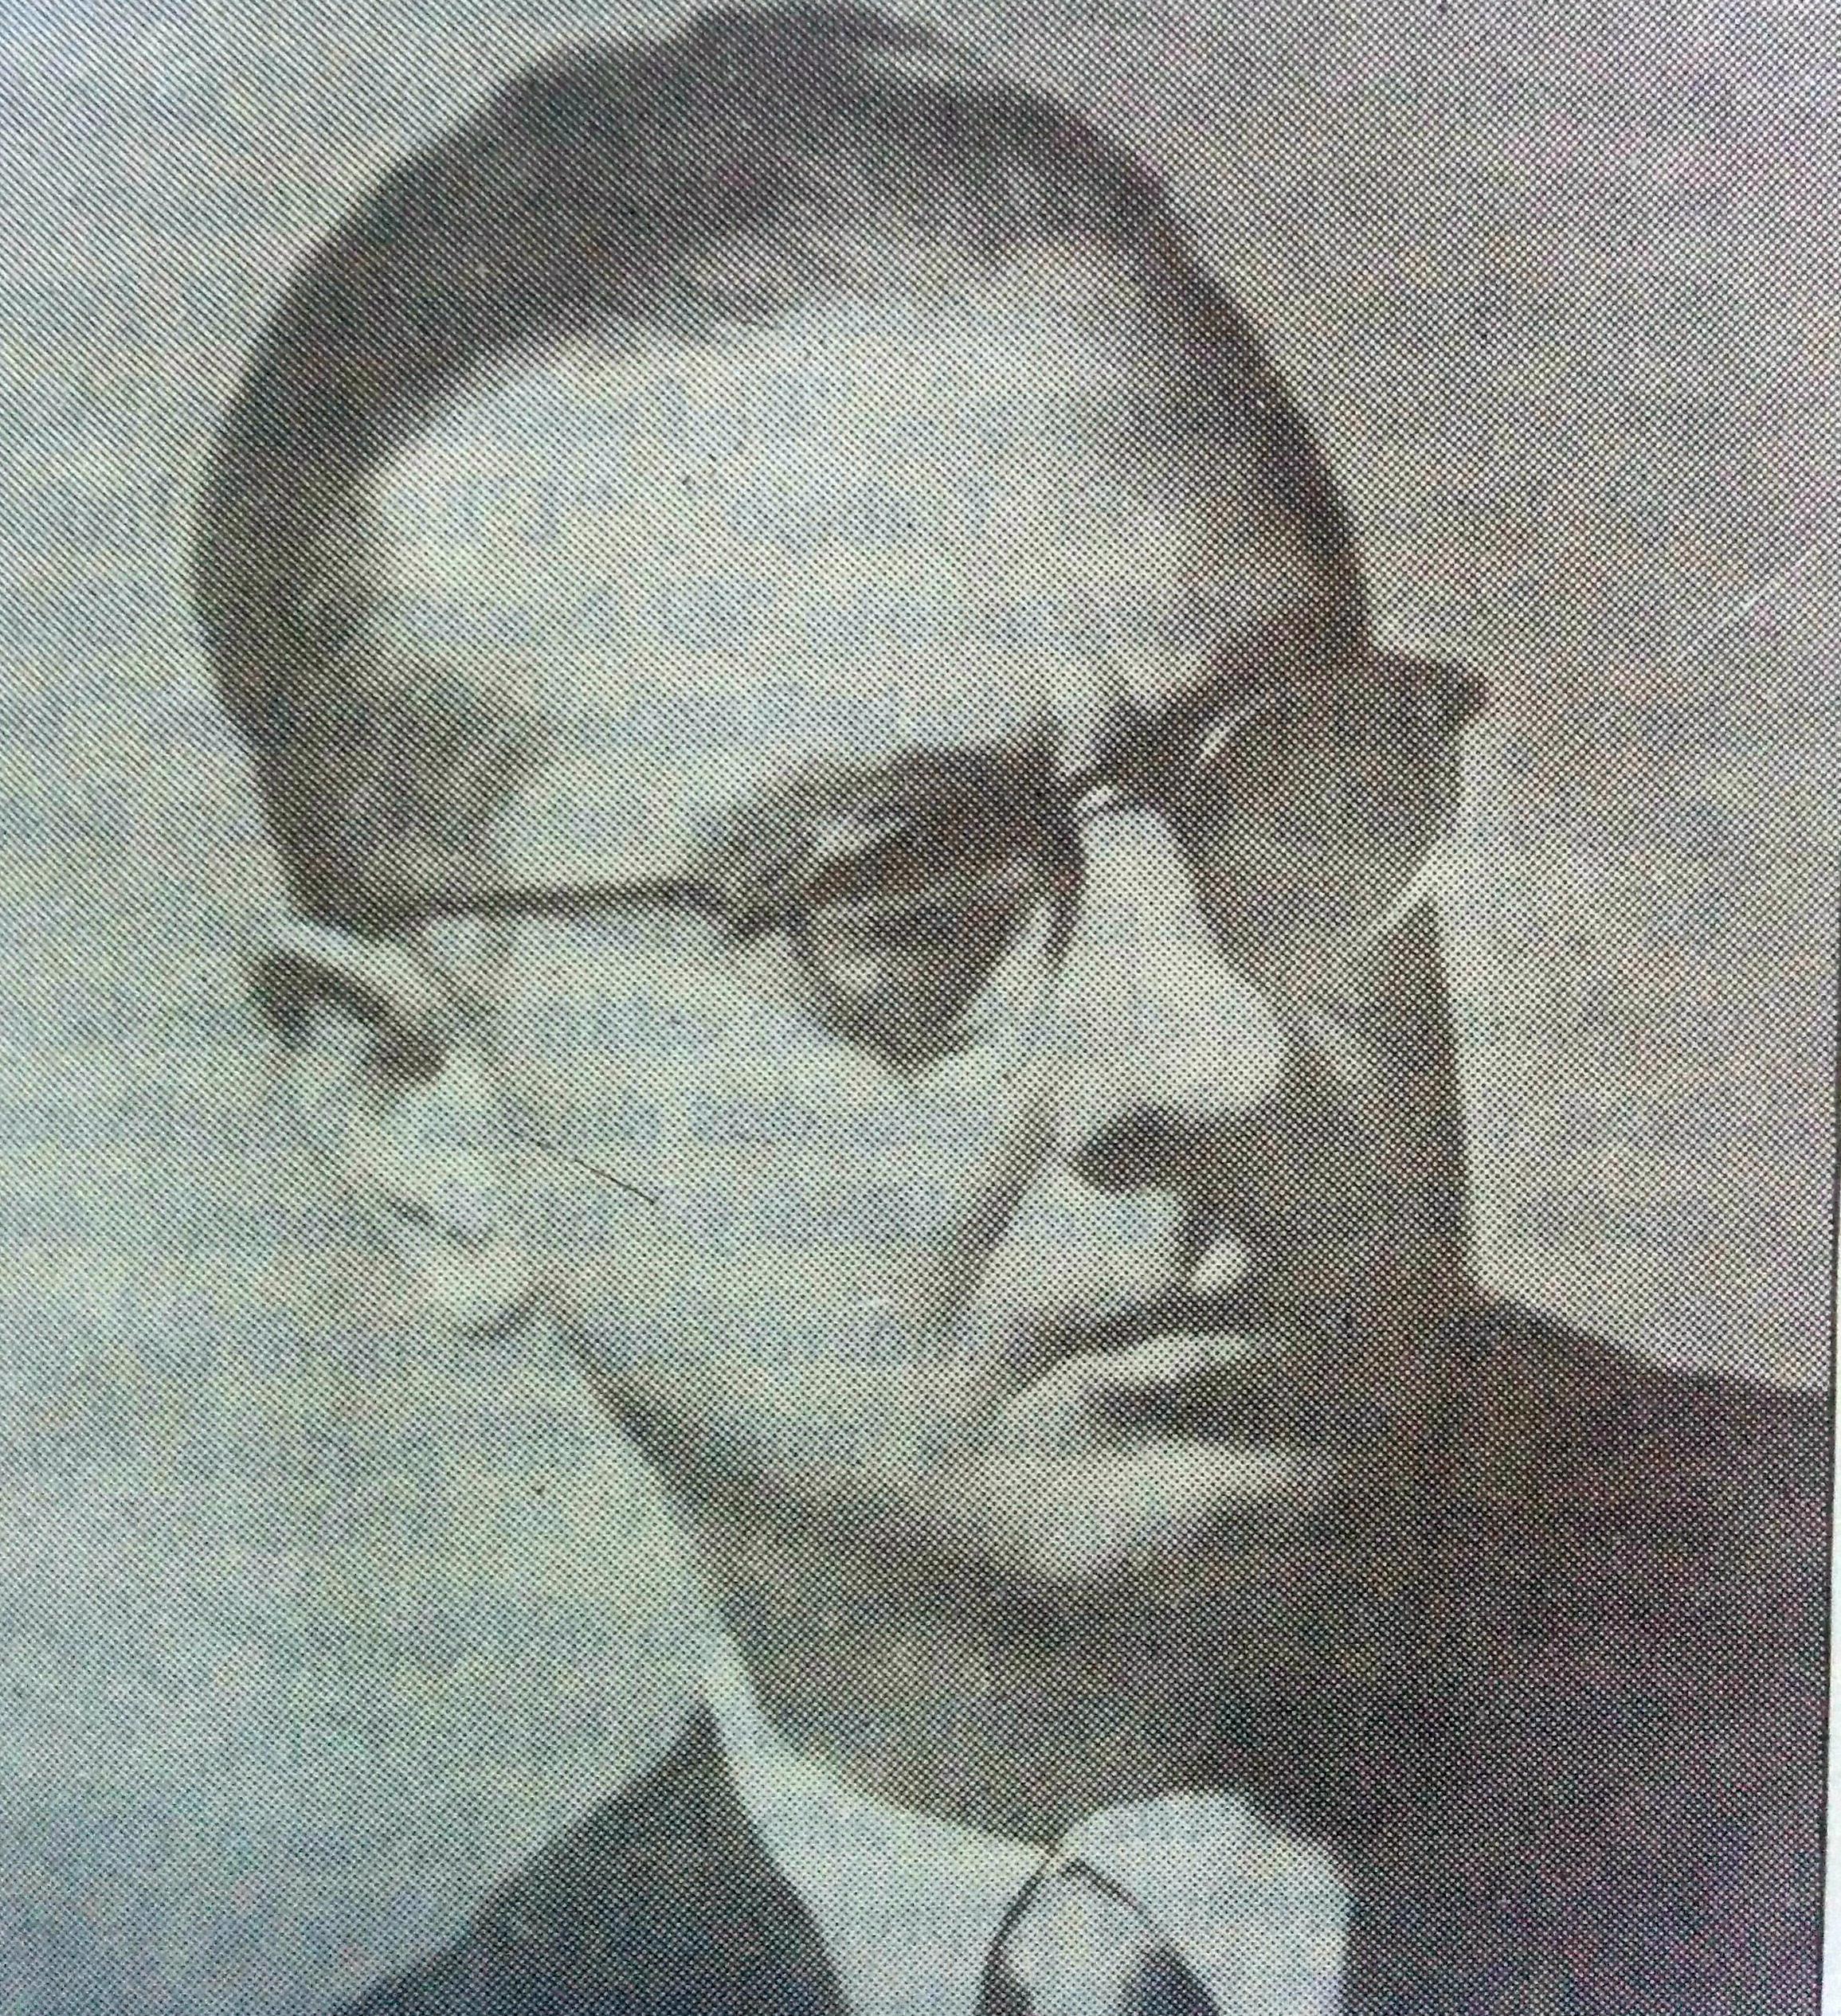 Profesor Pascual Antonio Grisolía (1904-1983), fundador, ex director y gran propulsor y animador, del Conservatorio de Música.